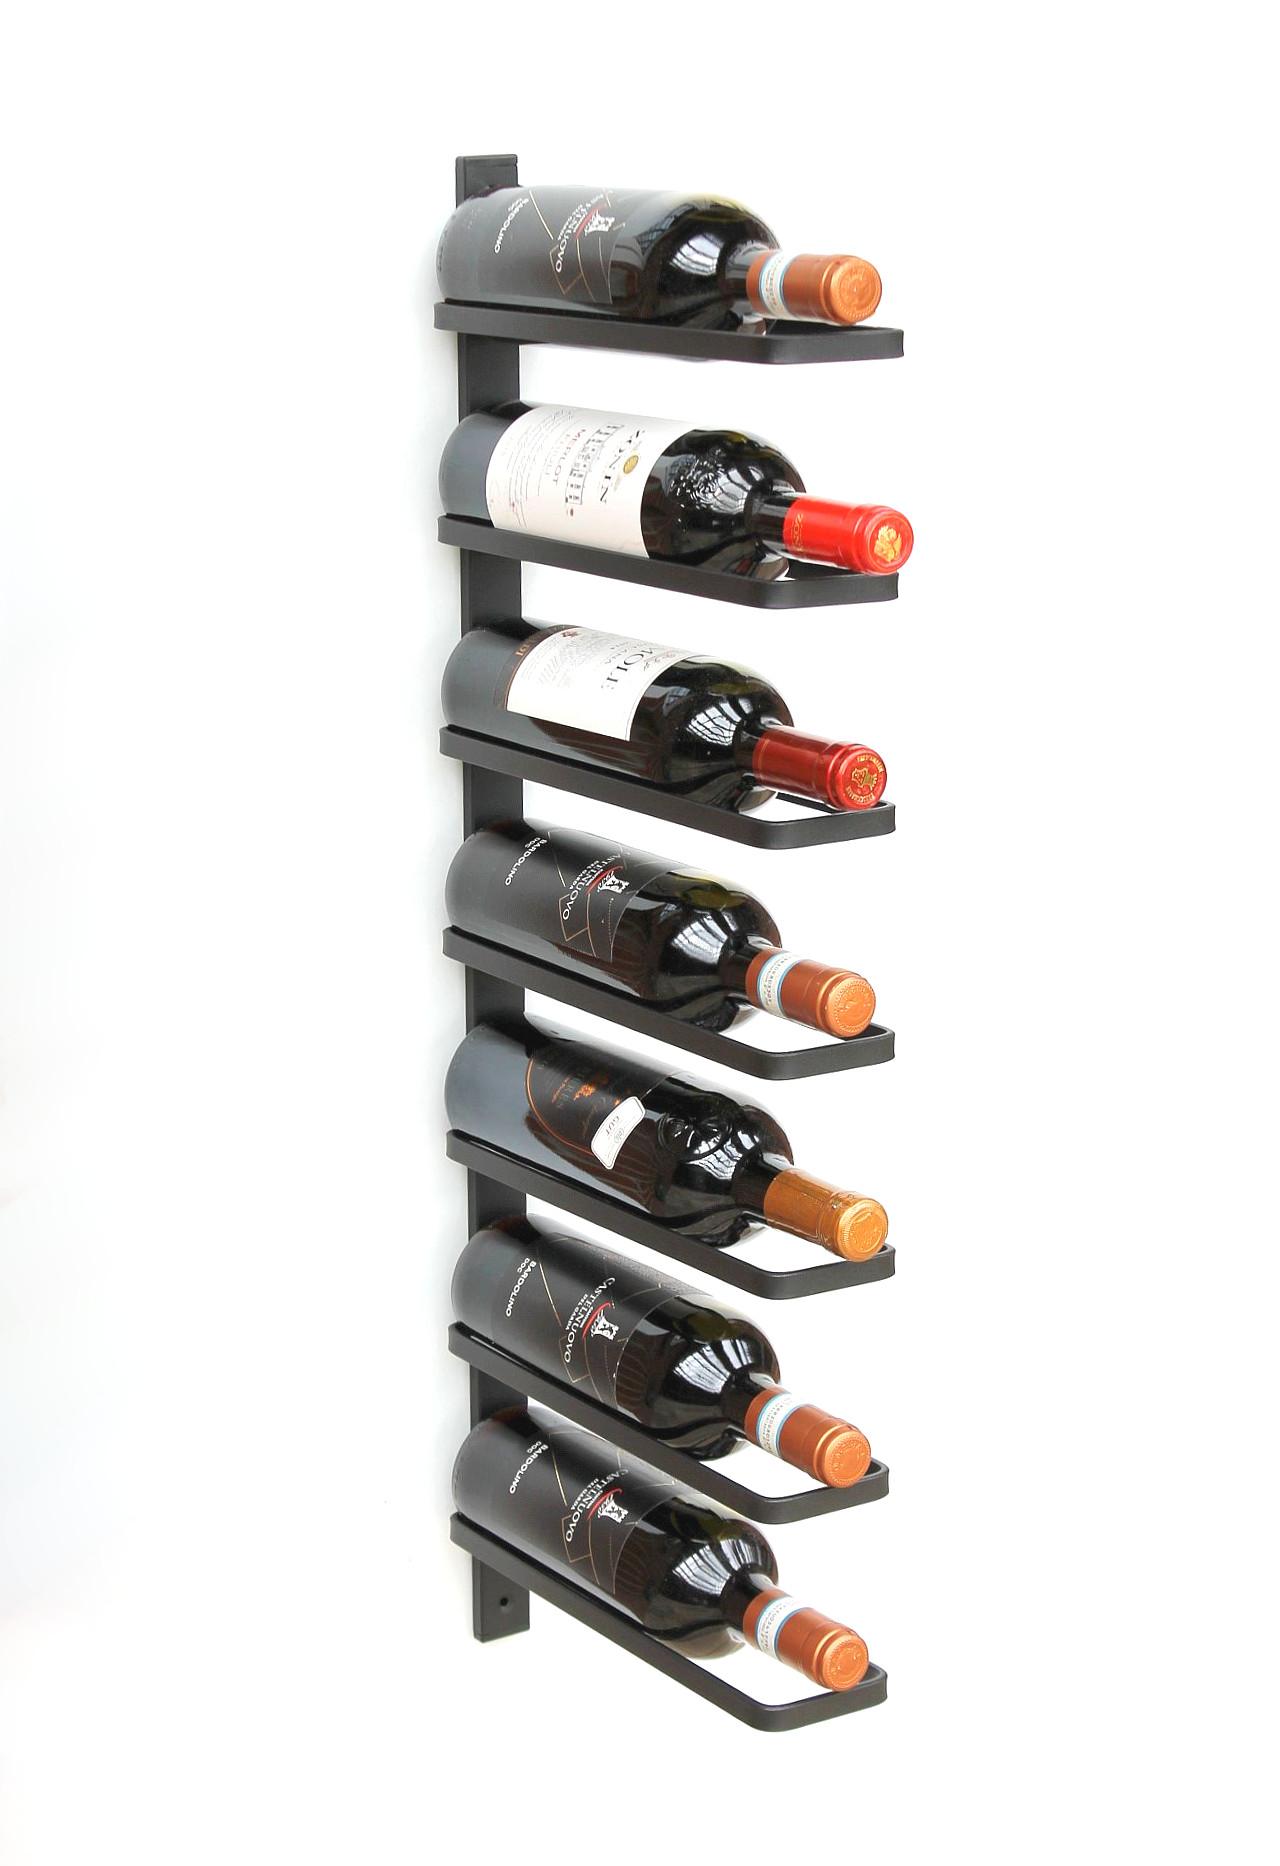 Zrx Weinregale Wandhalter Fur Weinregale Weinflaschenhalter Decken Weinregale Wandregal Lagerregal Hohenverstellbar Hangender Weinglashalter Stemware Racks Organizer Ncci1914 Com